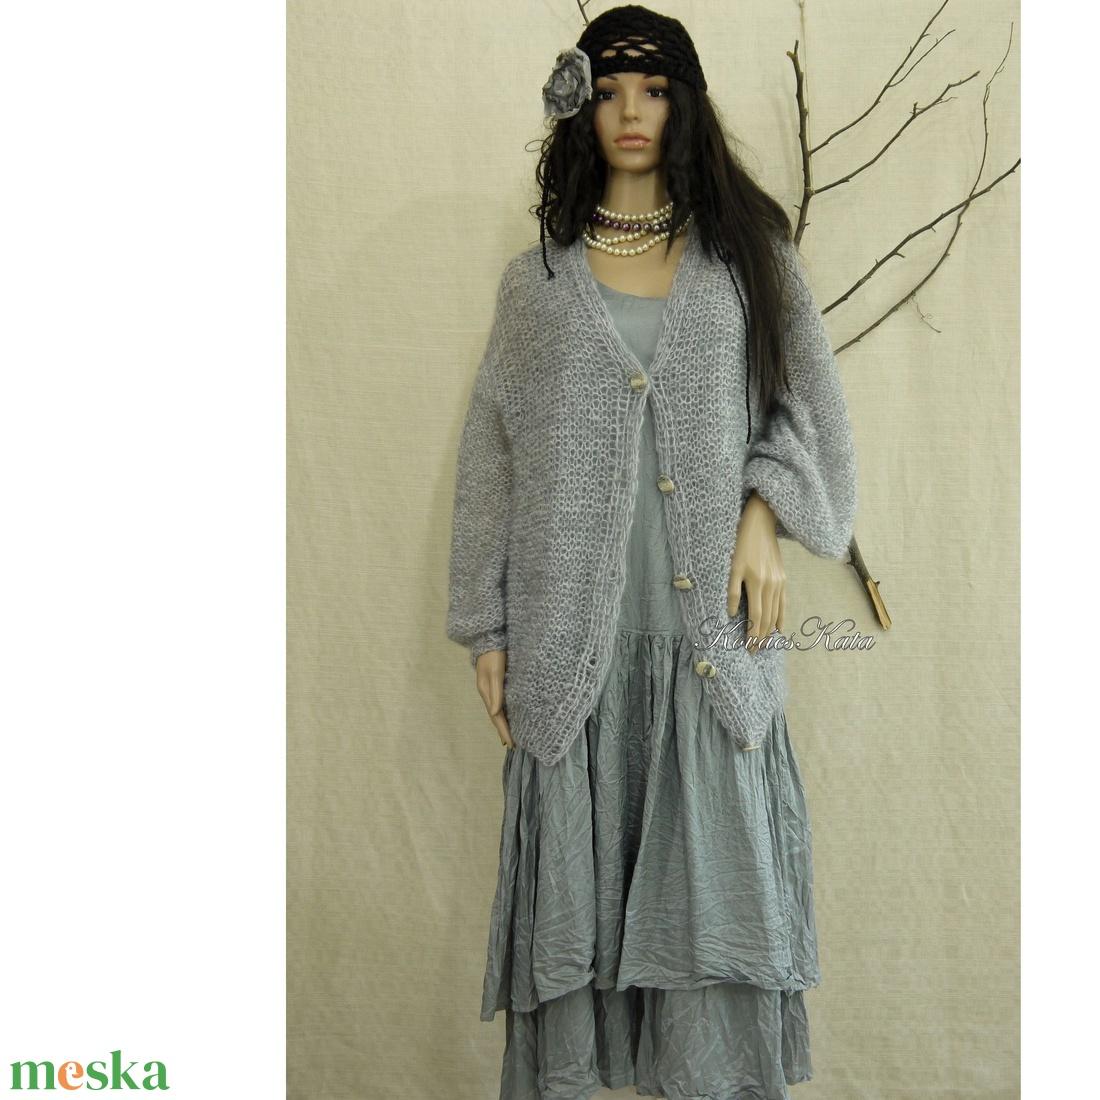 SZOFI/füstszín - exkluzív selyem-mohair kardigán- kézzel kötött - ruha & divat - női ruha - pulóver & kardigán - Meska.hu